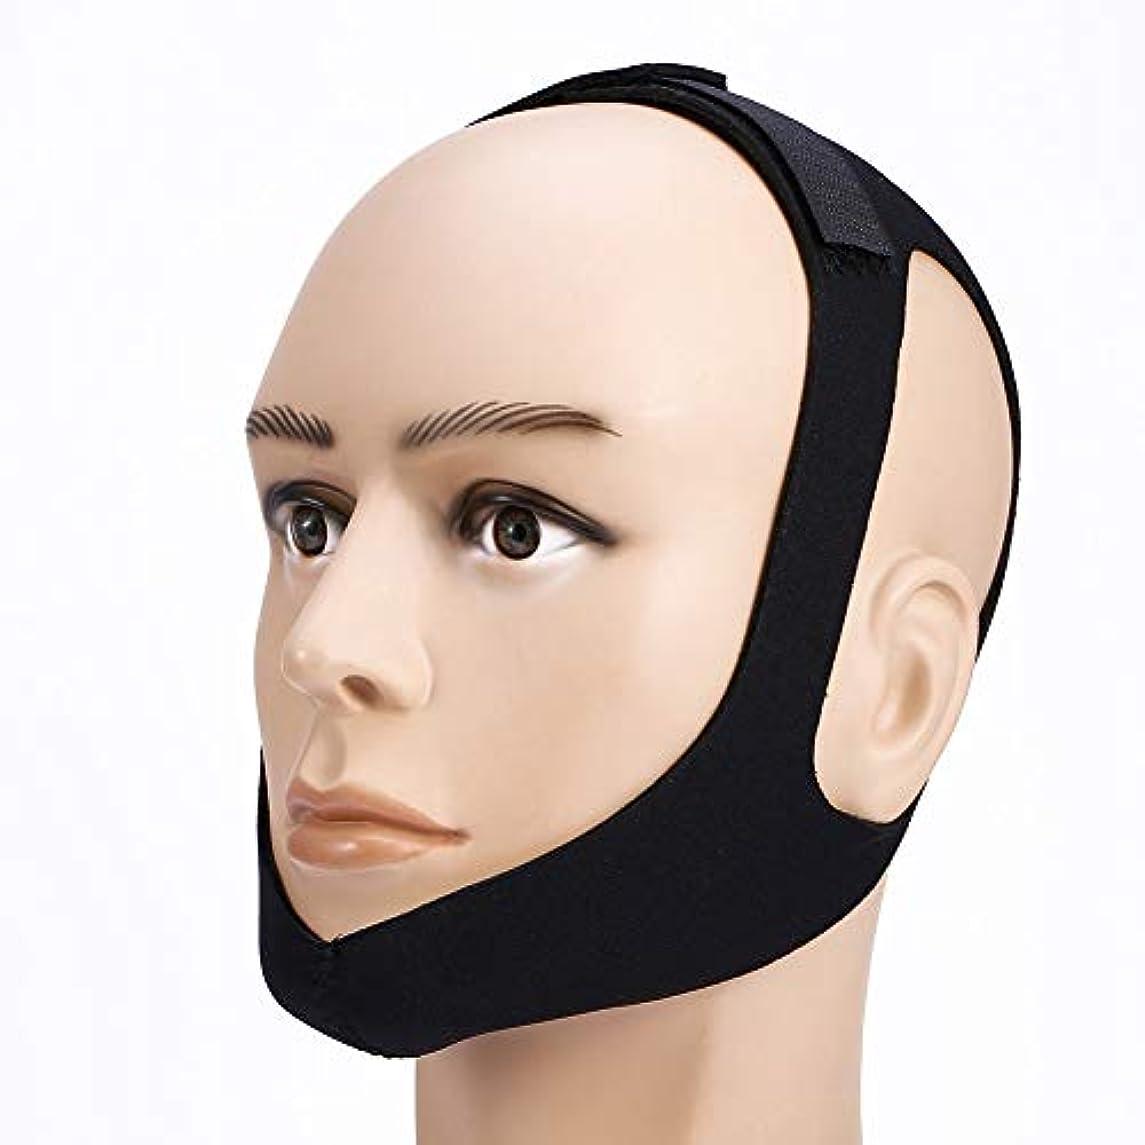 手伝うレジデンス早く注意睡眠時無呼吸顎あごサポートストラップベルトいびき防止ヘッドバンドいびきベルト止めいびき防止マスク女性用男性寝具